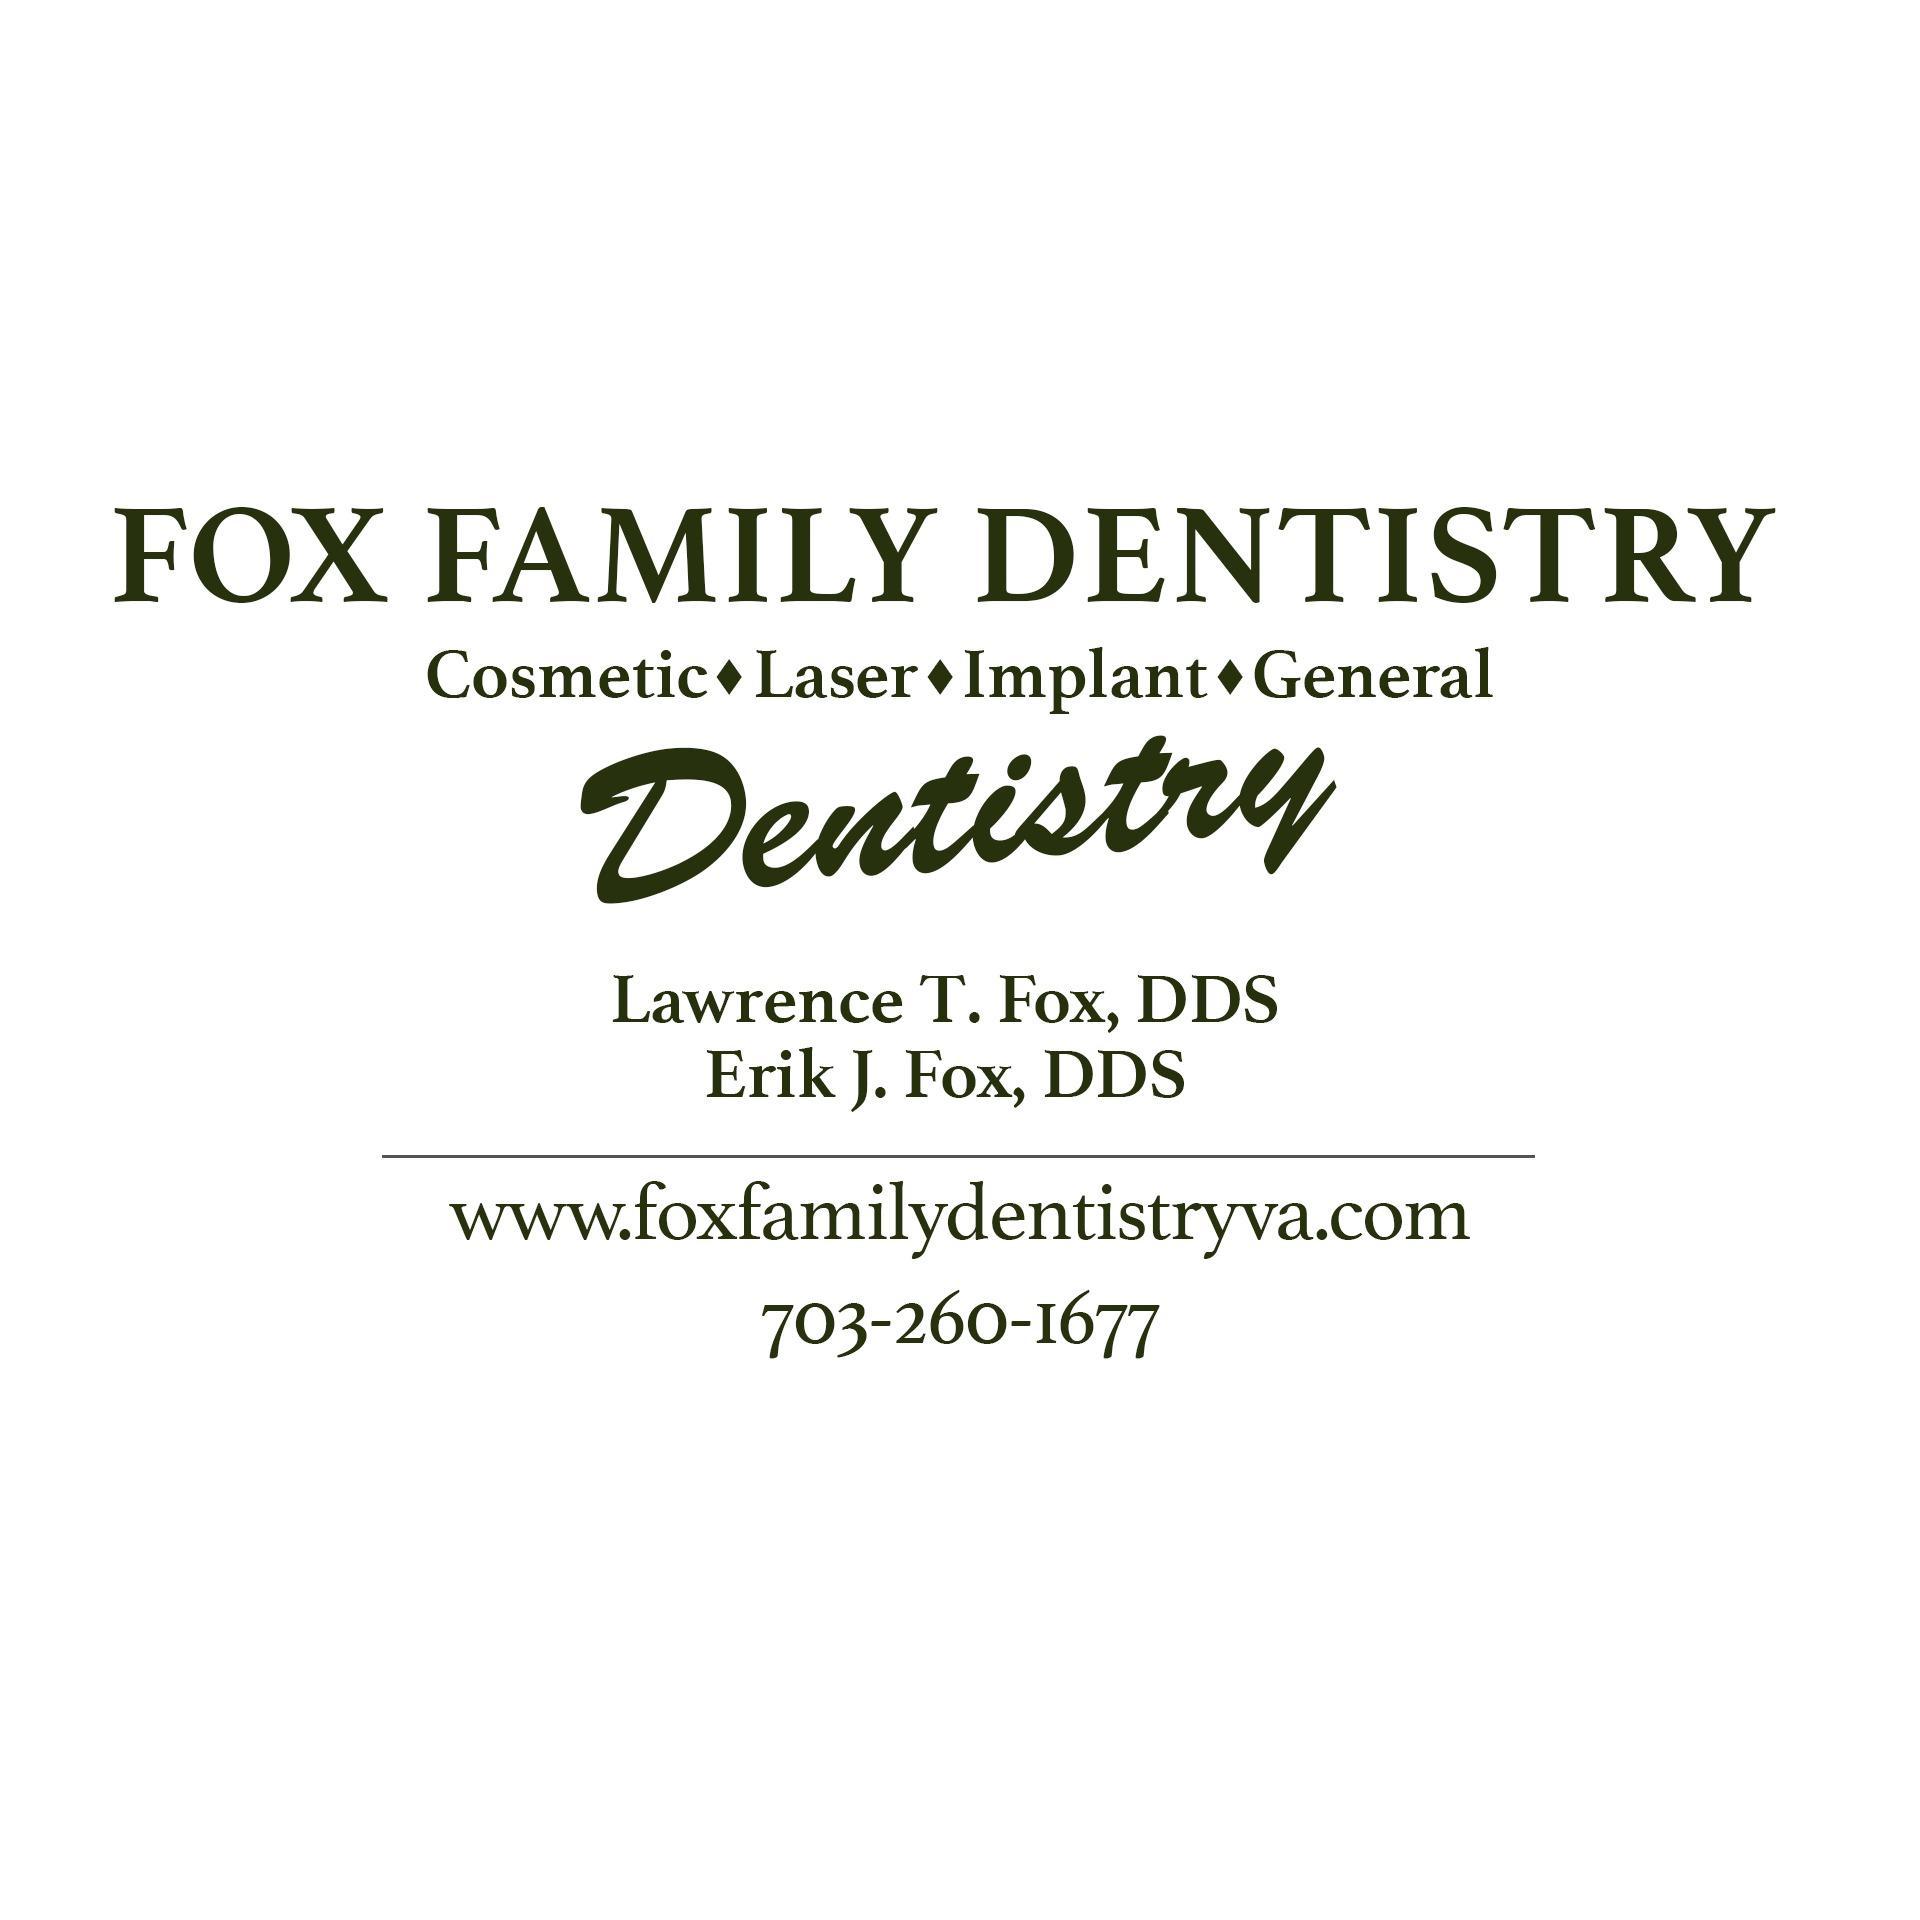 Fox Family Dentistry - Dr. Larry Fox - Burke, VA - Dentists & Dental Services